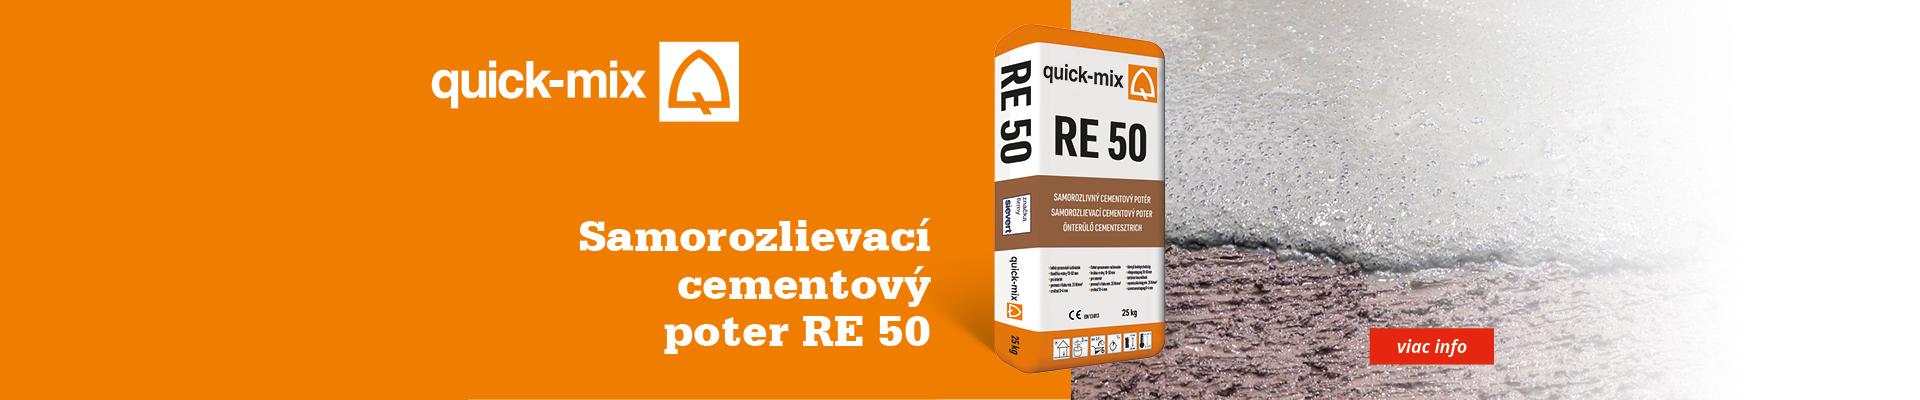 Samorozlievací cementový poter RE 50